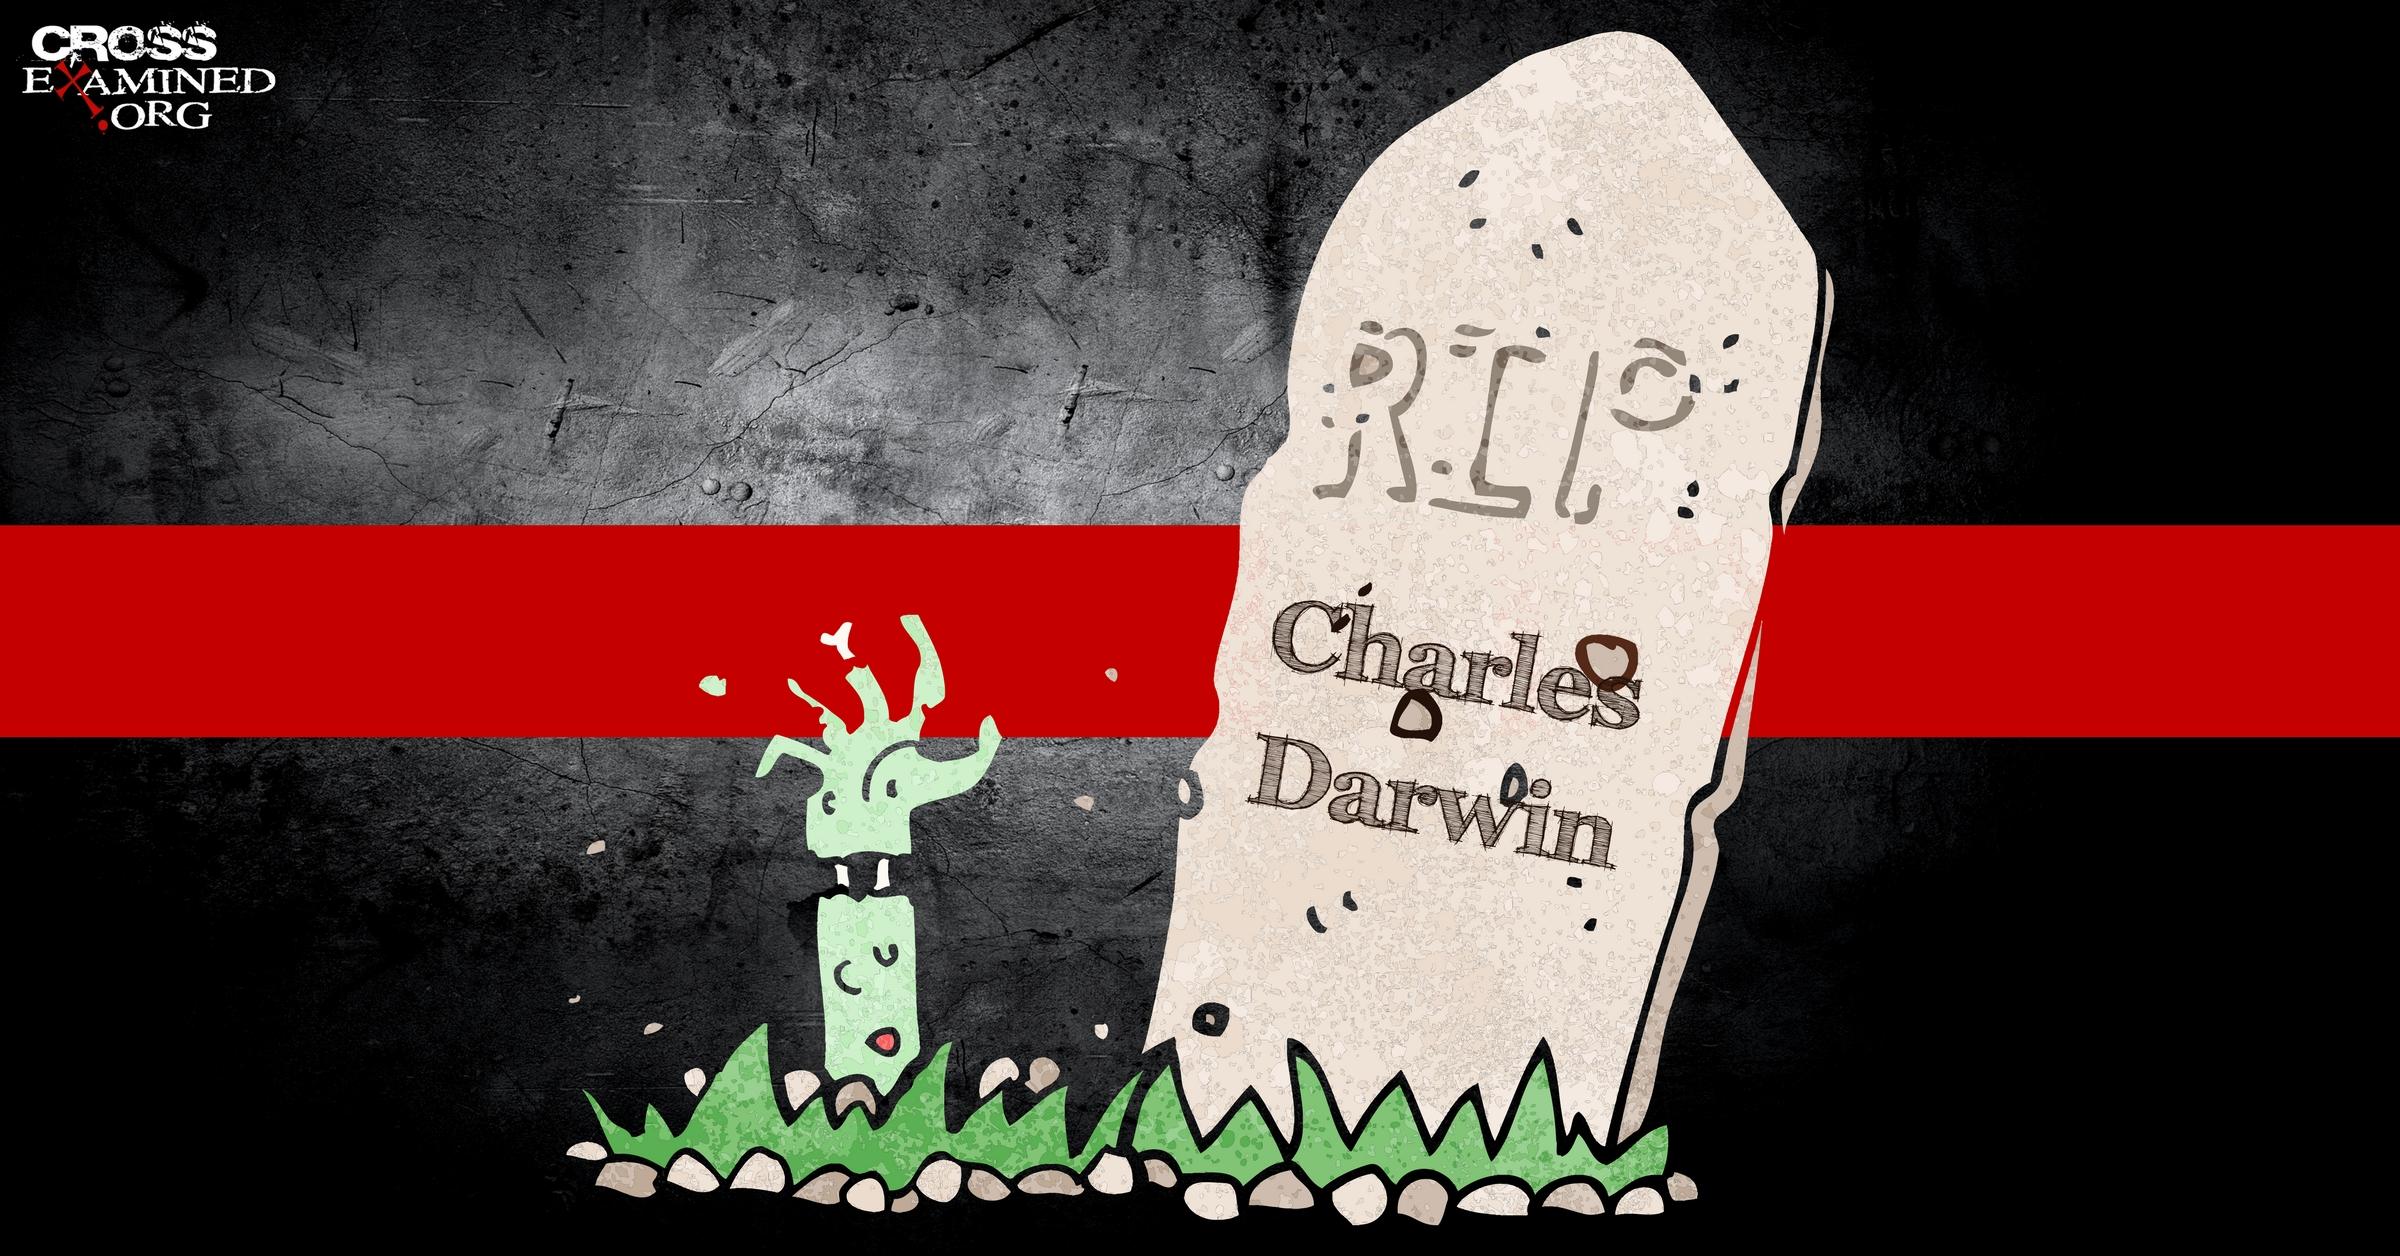 Zombie Science Darwinism